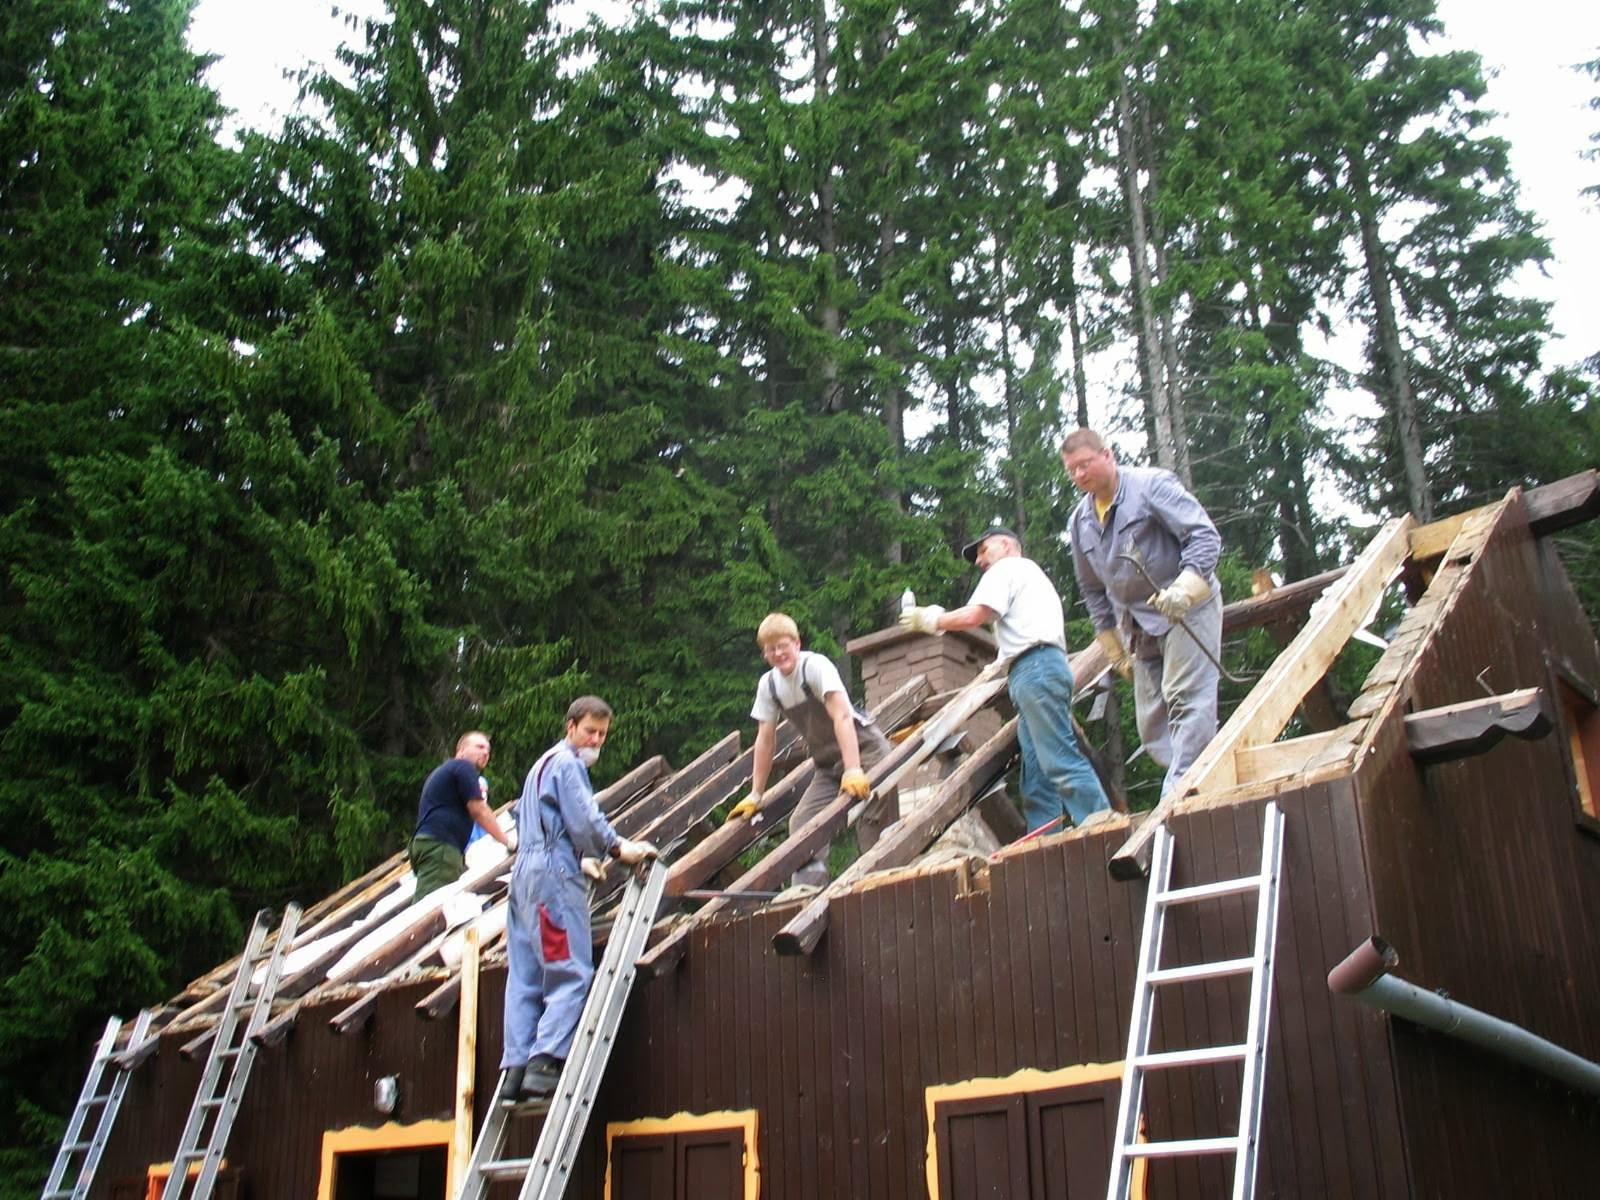 Delovna akcija - Streha, Črni dol 2006 - streha%2B122.jpg